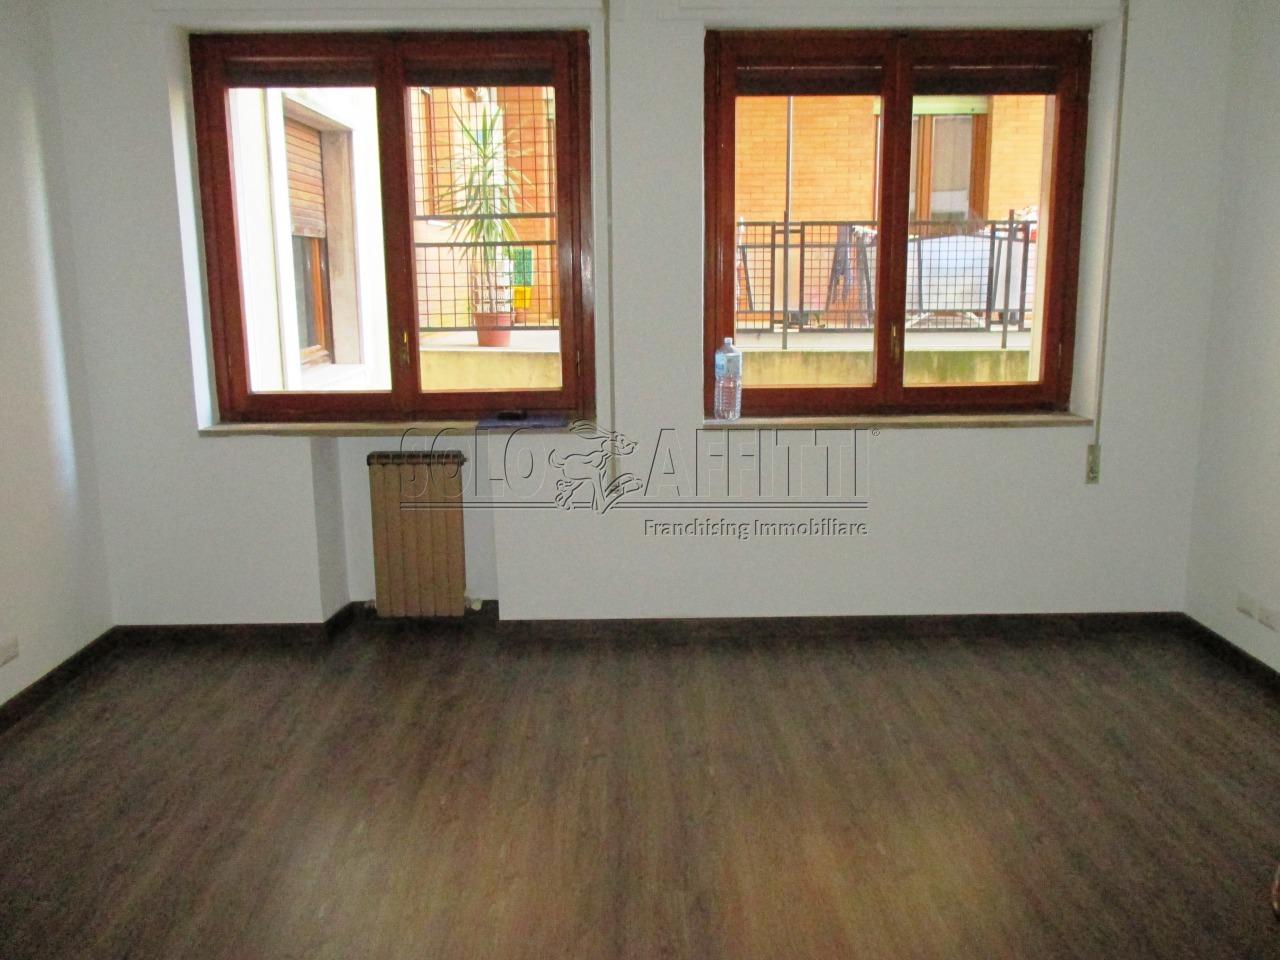 Ufficio diviso in ambienti/locali in affitto - 70 mq